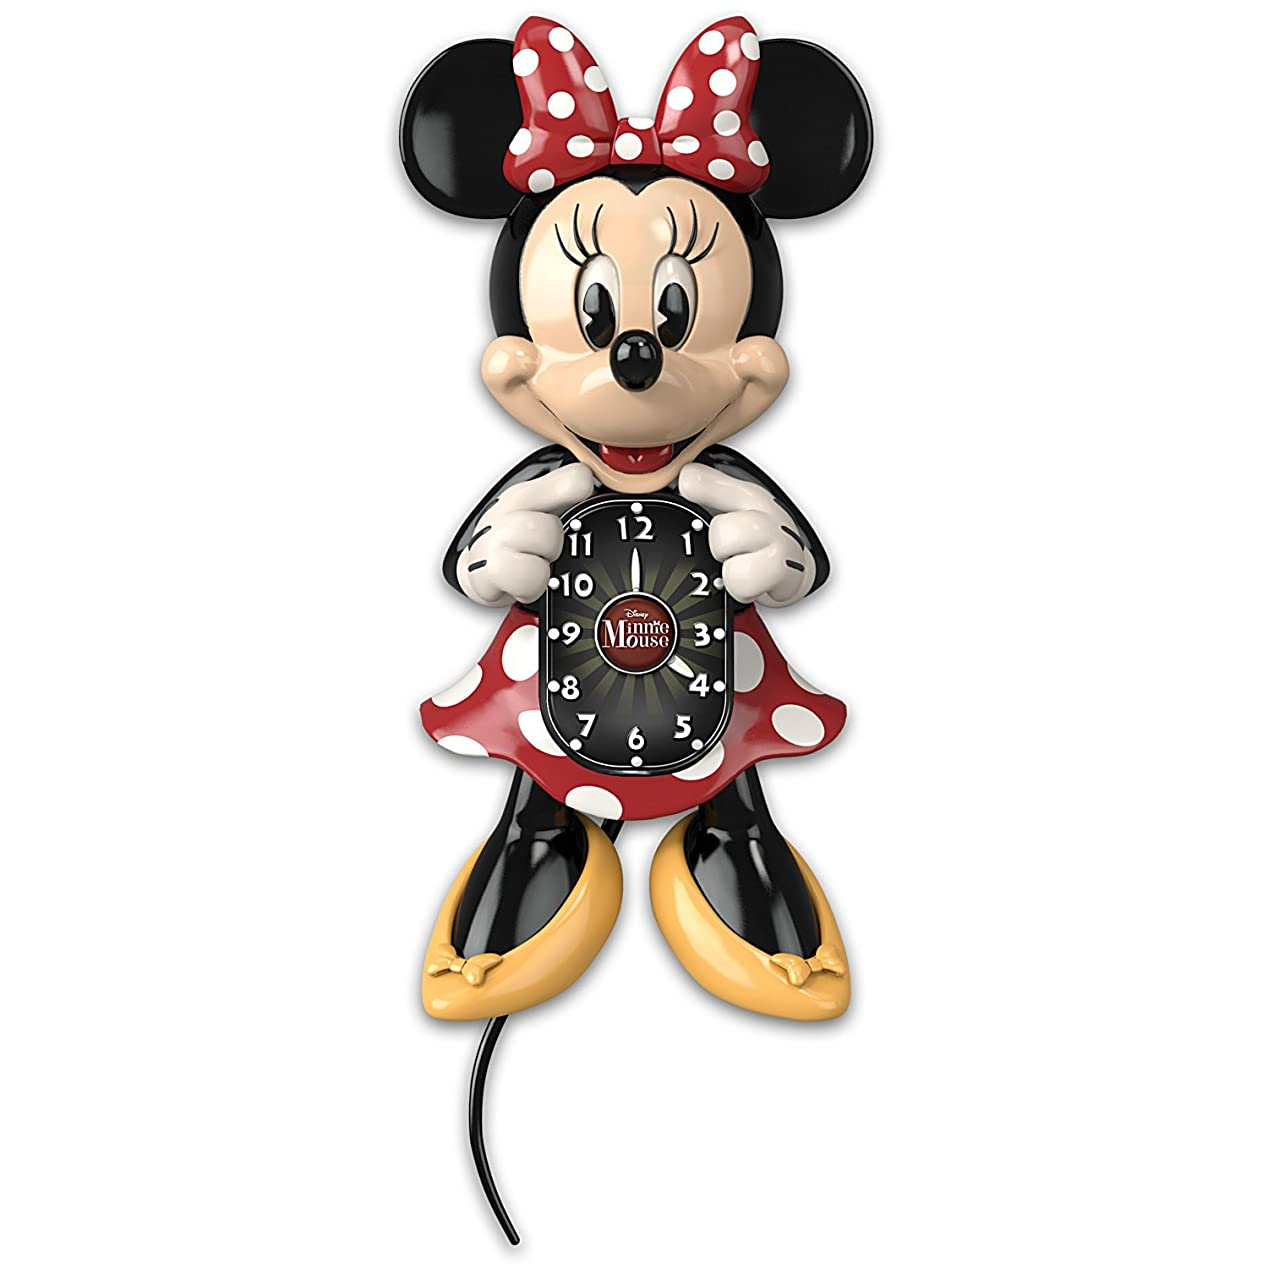 グラスおじいちゃん反動Disney Minnie Mouse壁時計with Moving Eyes and Tail by the Bradford Exchange